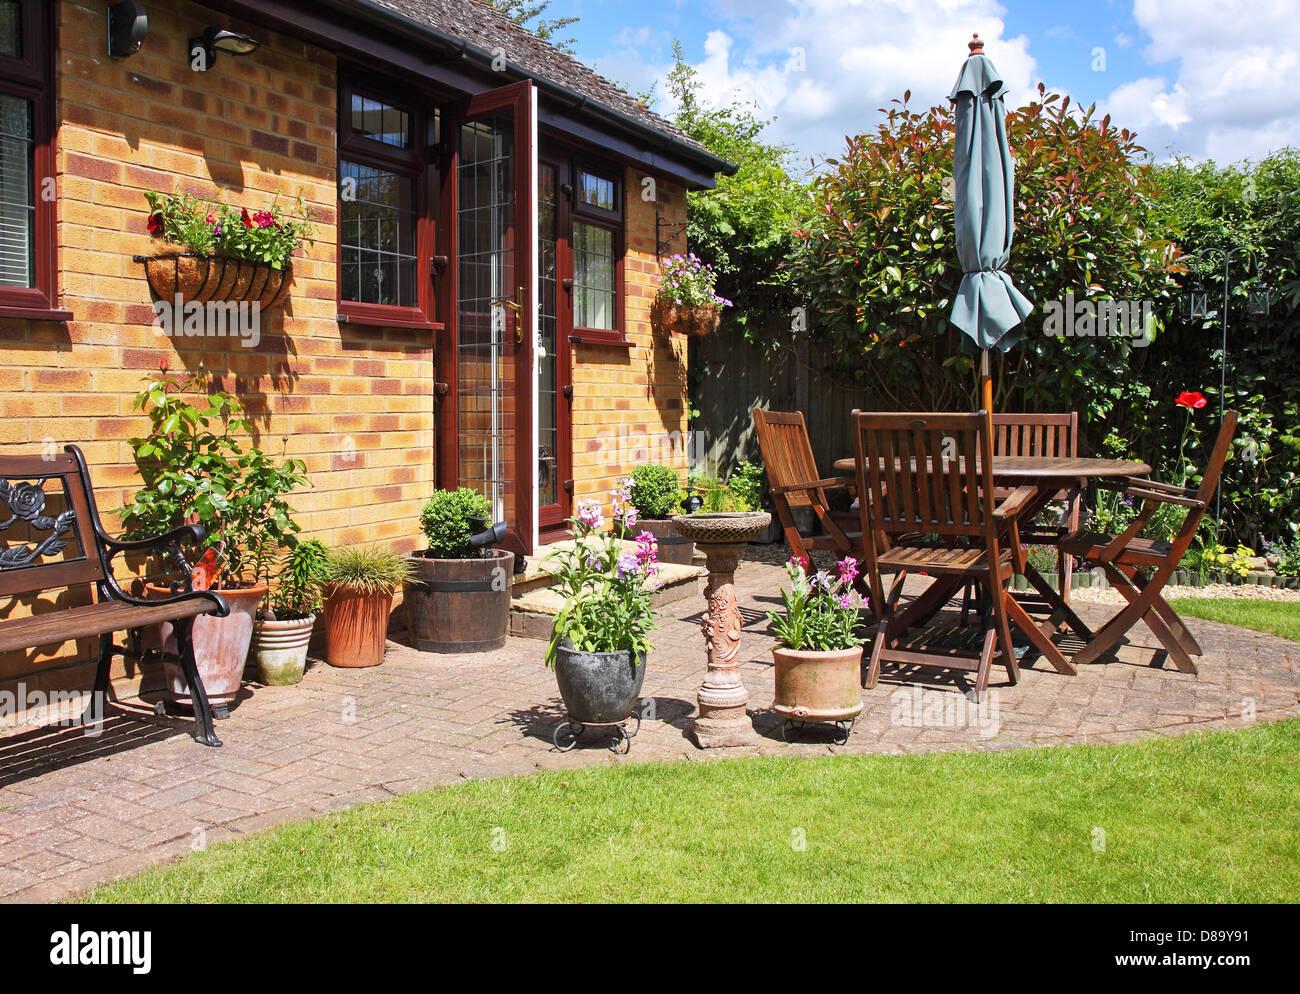 Eine englische wieder Garten Szene mit Terrasse, Sitzecke und ...